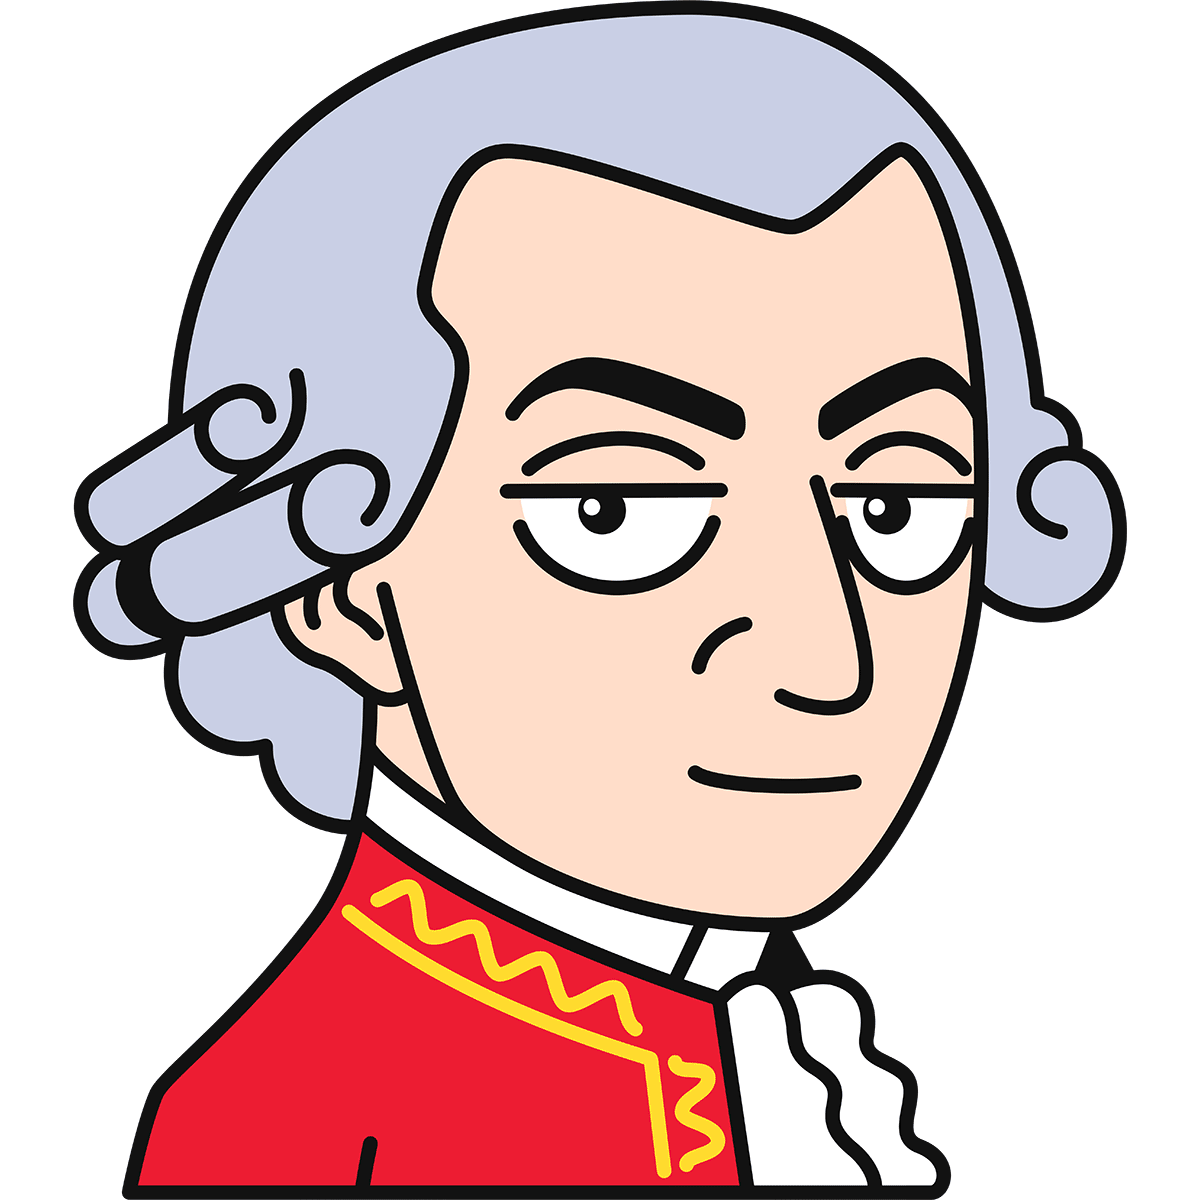 モーツァルトの無料イラスト